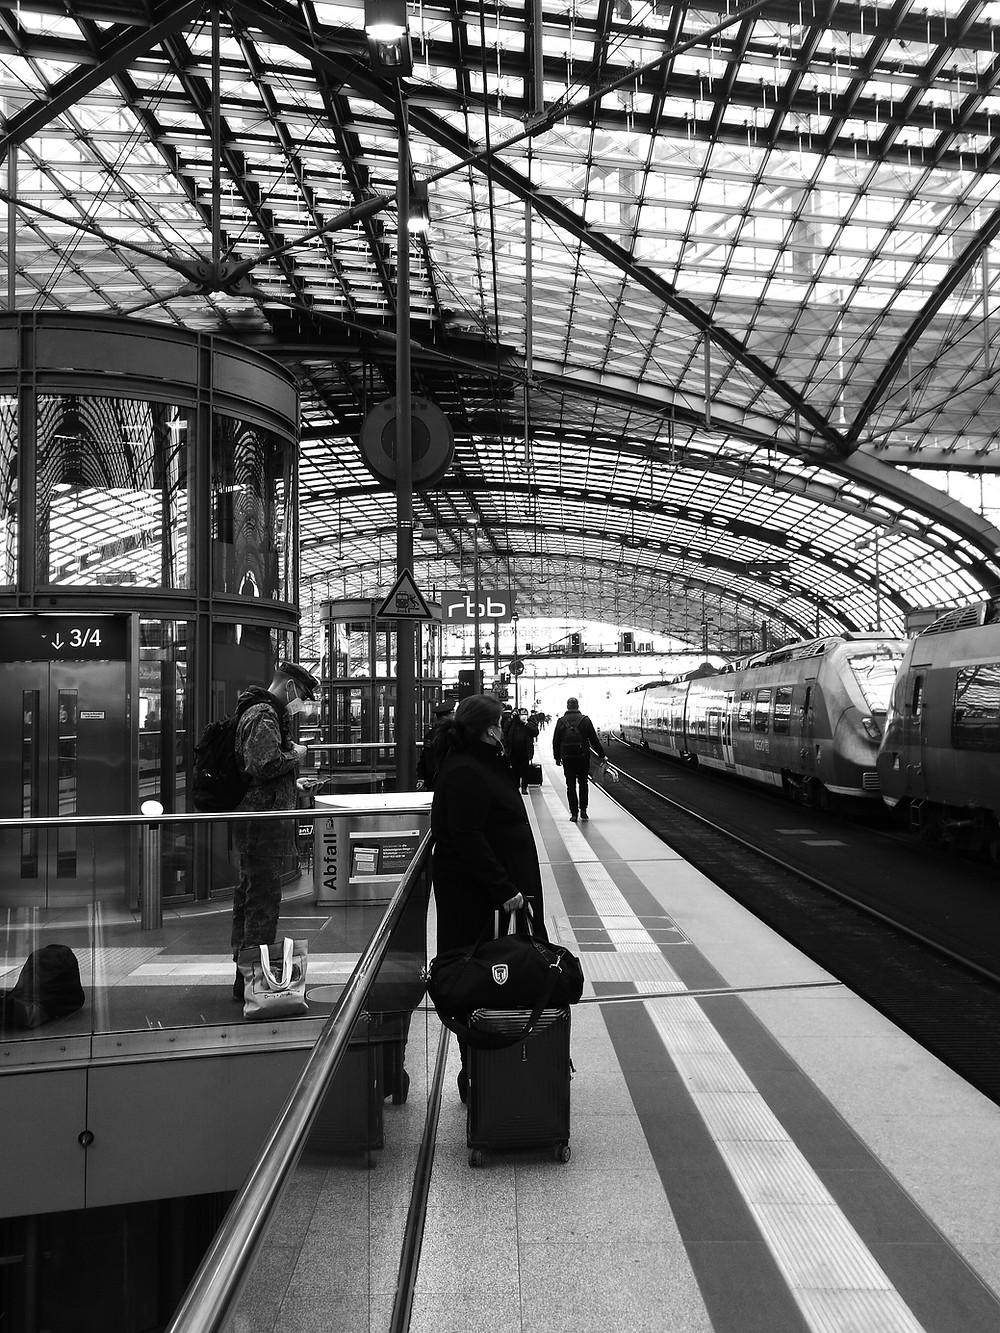 Ein Bundeswehrsoldat in Uniform wartet zwischen anderen Fahrgästen am Berliner Hauptbahnhof